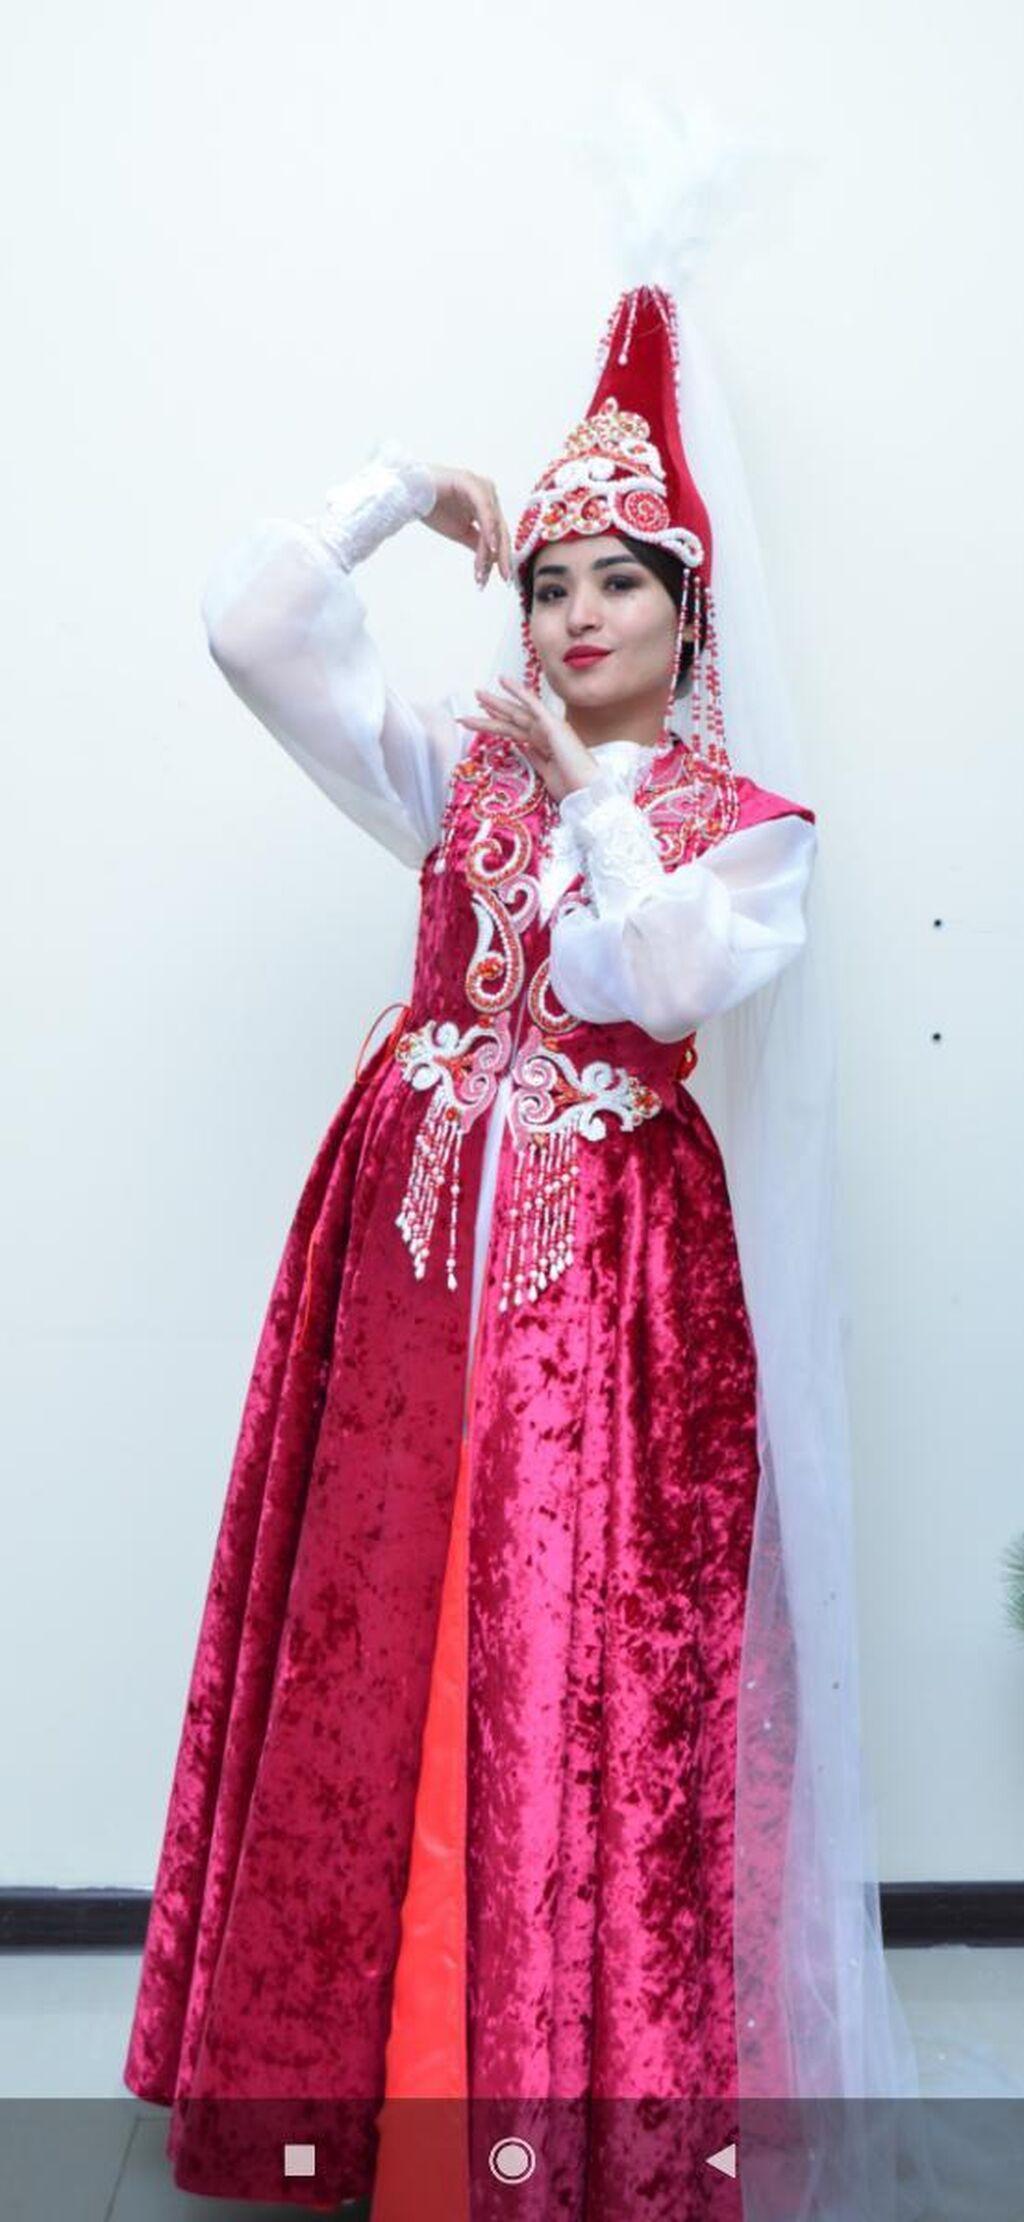 Свадебные платья,Кыз узатуу, вечерние платья: Свадебные платья,Кыз узатуу, вечерние платья